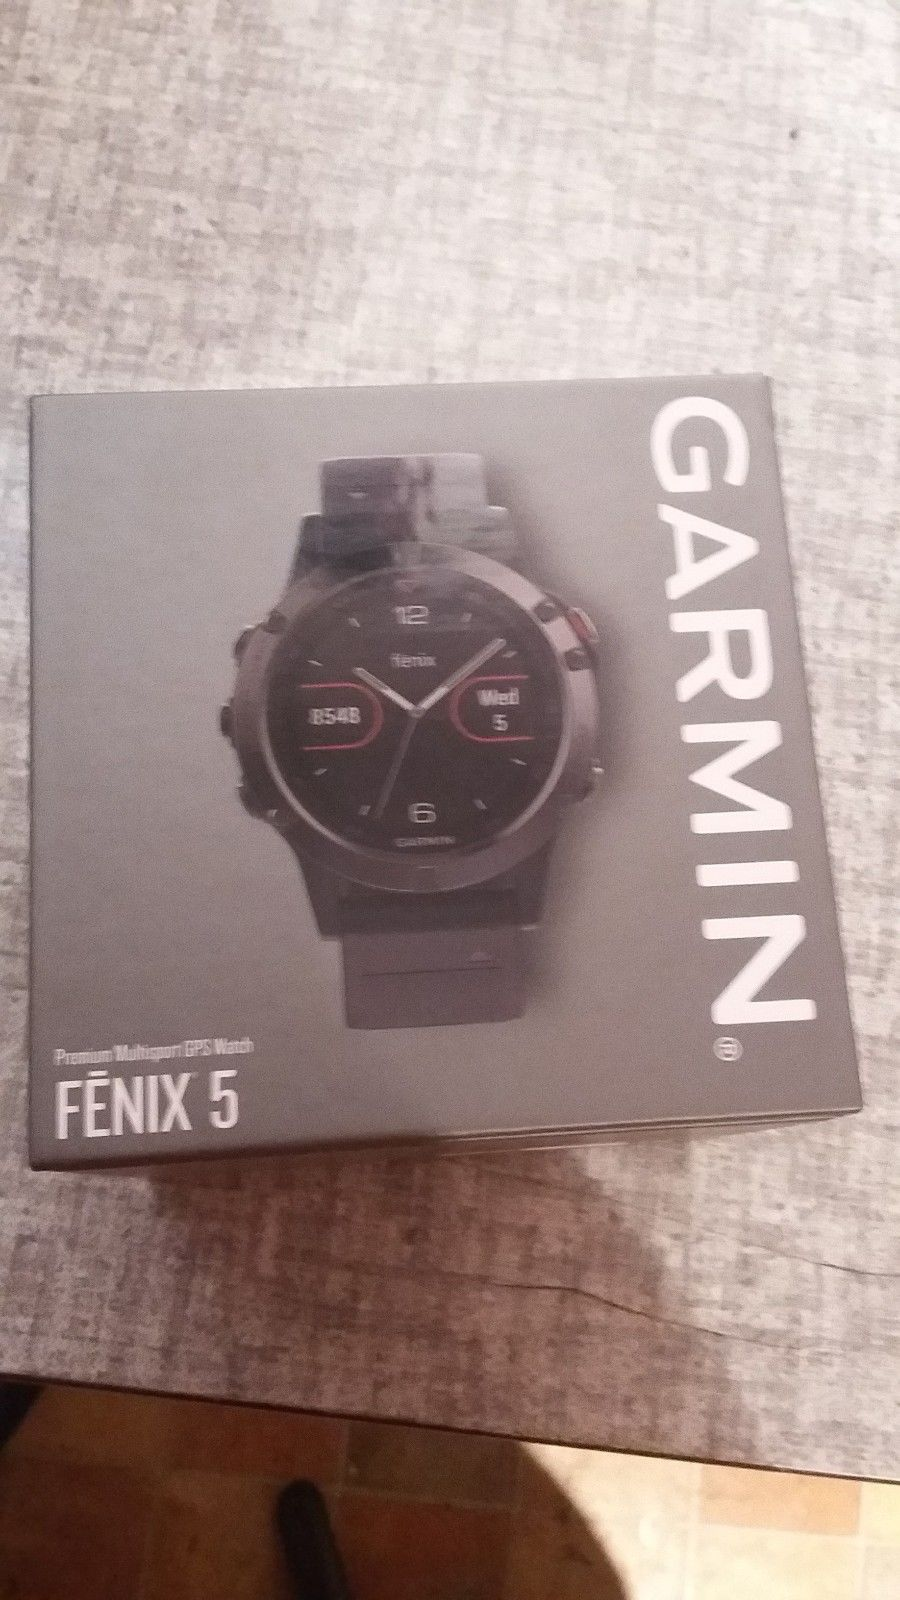 Garmin, Fenix 5 , Edition Premium Multisport GPS Watch, Sportuhr, Neu verpackt